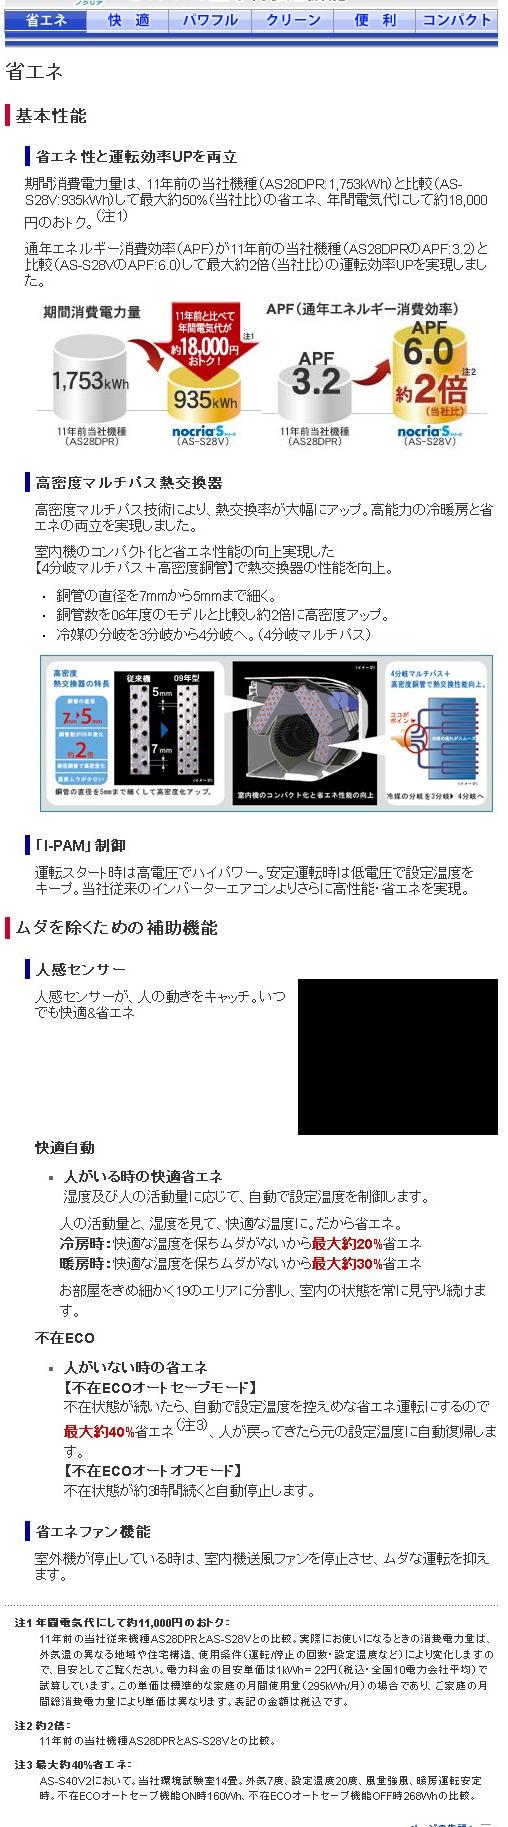 エアコン - 省エネ(2009年度ノクリア®Sシリーズ) - 富士通ゼネラル JP